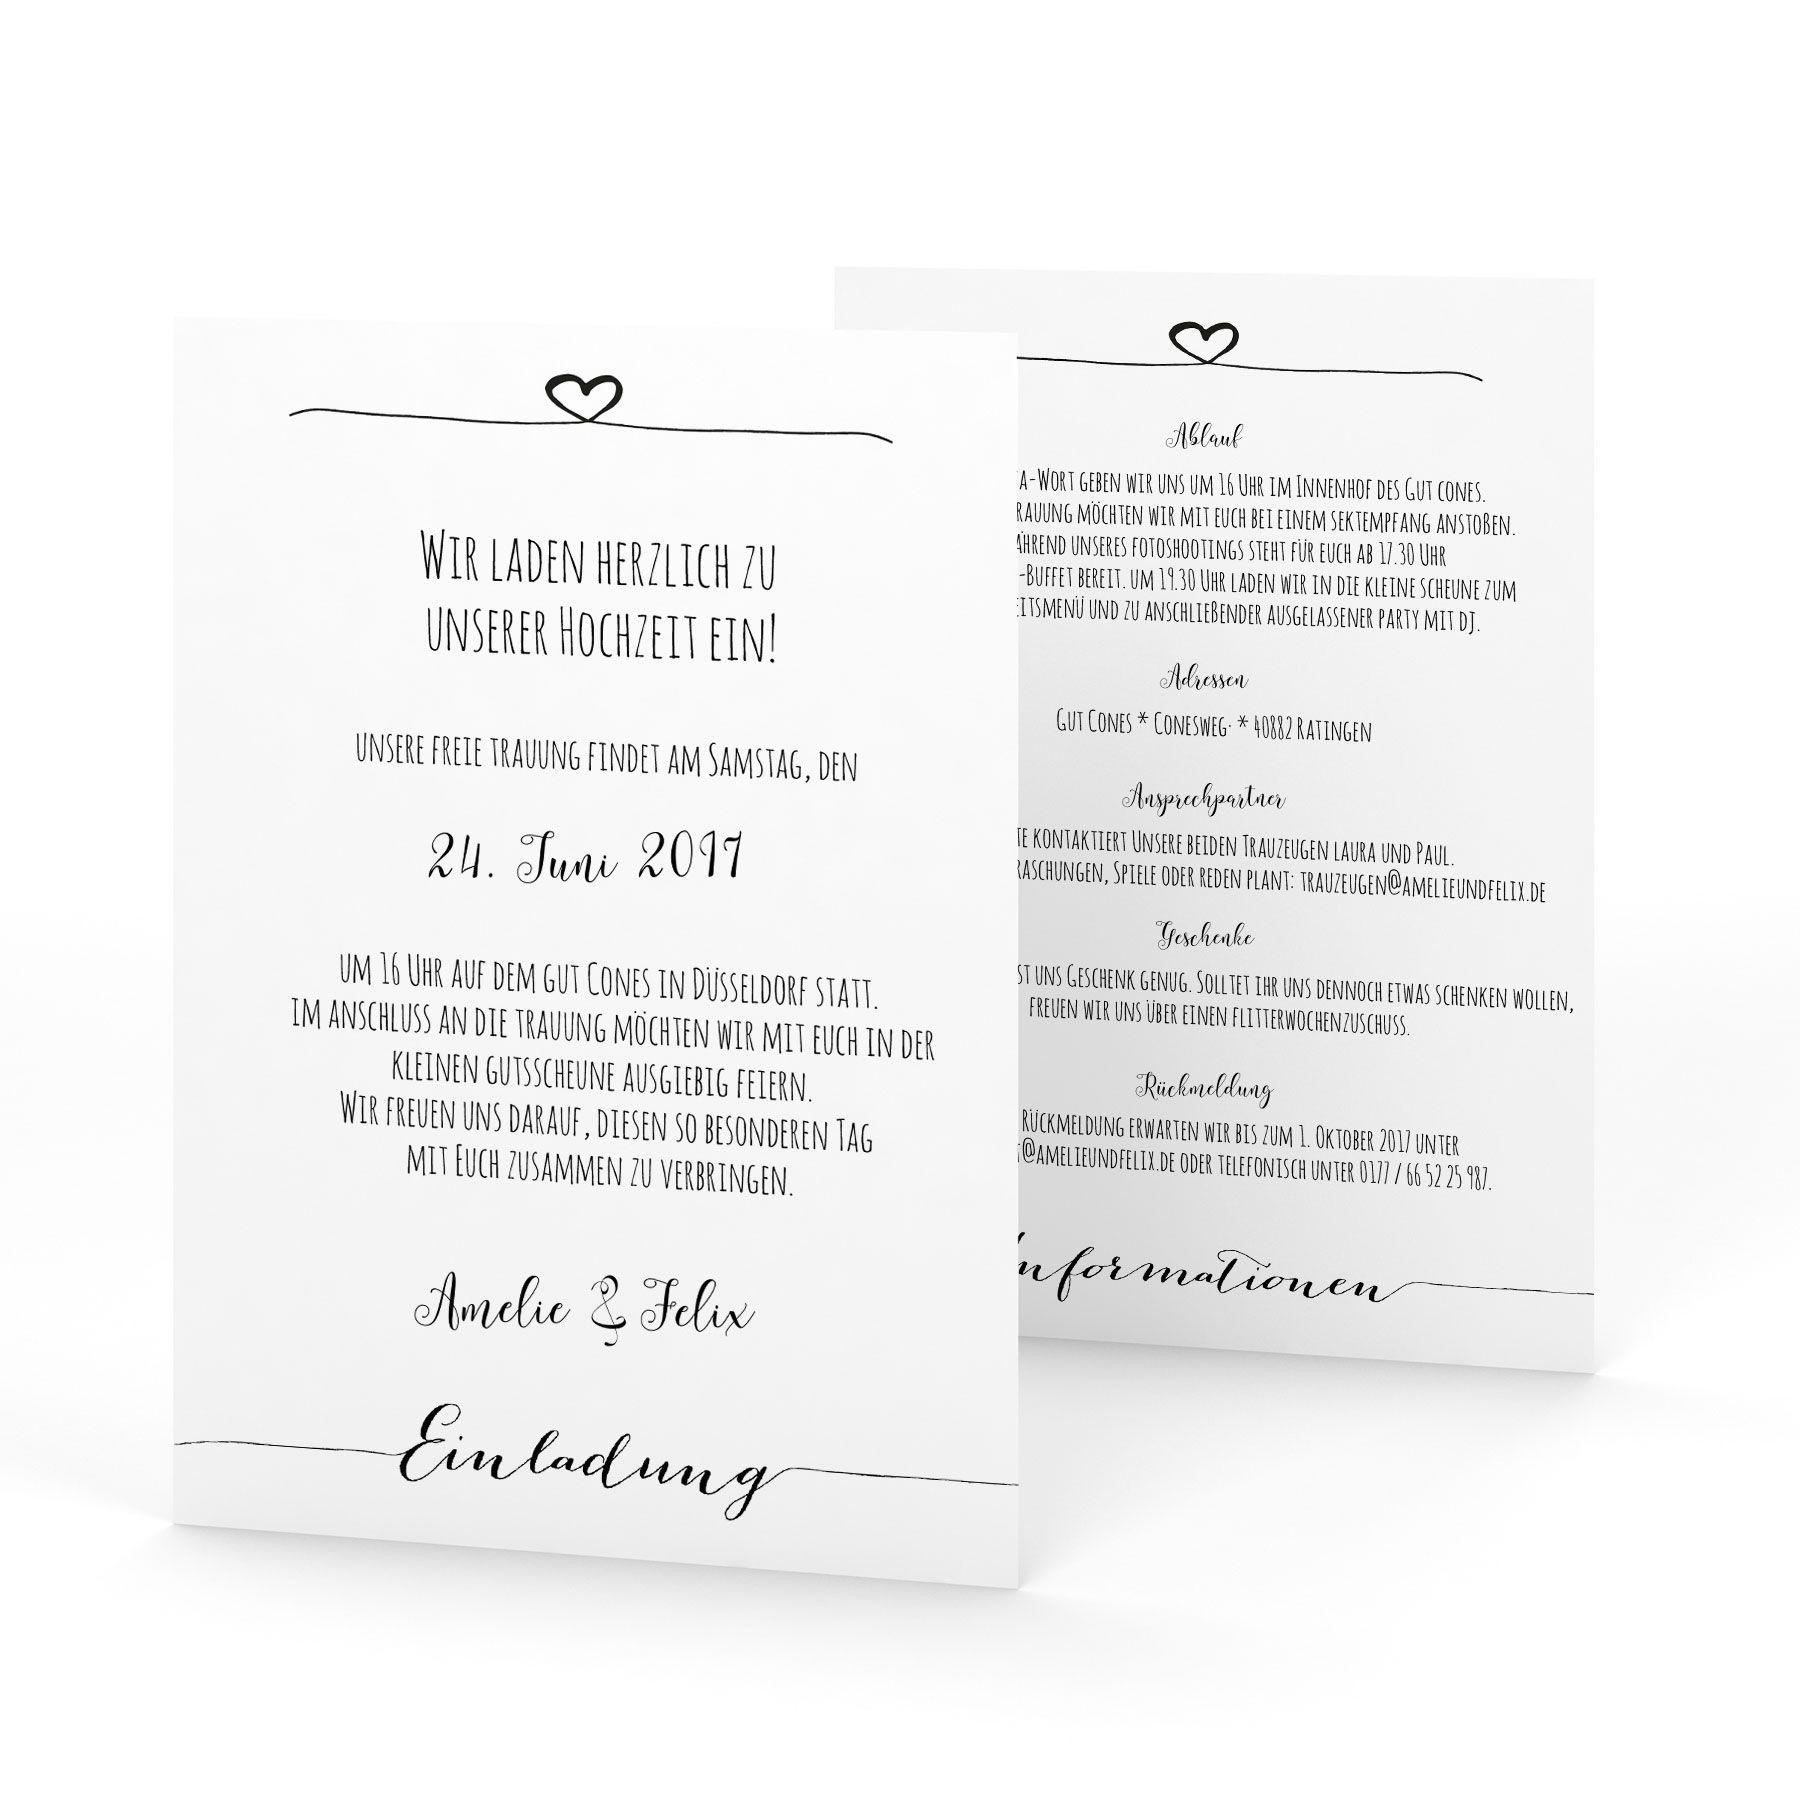 Die Edle Und Schlichte Hochzeitsserie Herzband Verzaubert Durch Einfache Und Dennoch Beein Einladungen Hochzeit Postkarten Hochzeit Einladungskarten Hochzeit